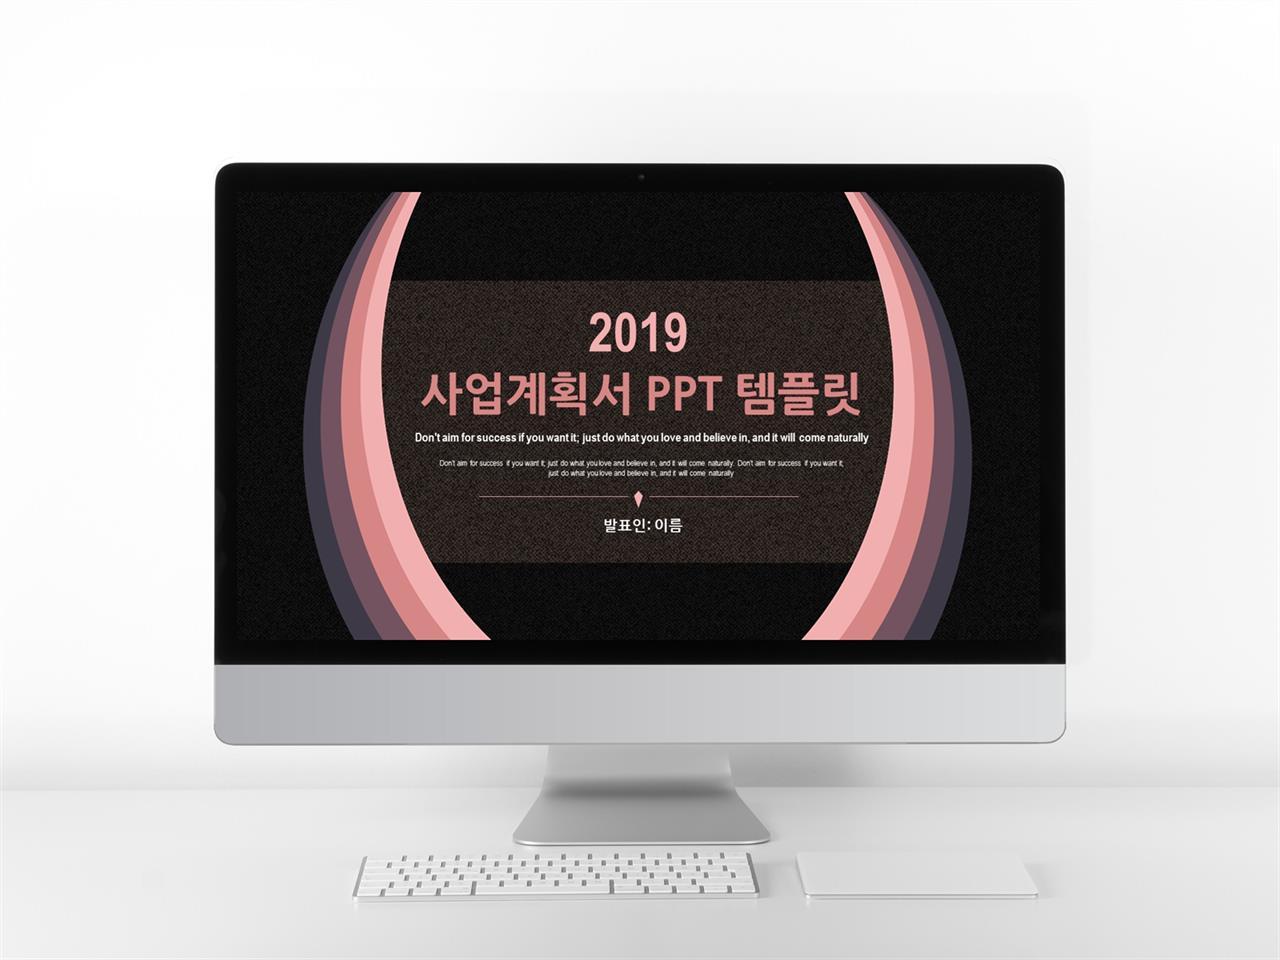 사업보고 분홍색 알뜰한 고퀄리티 PPT테마 제작 미리보기